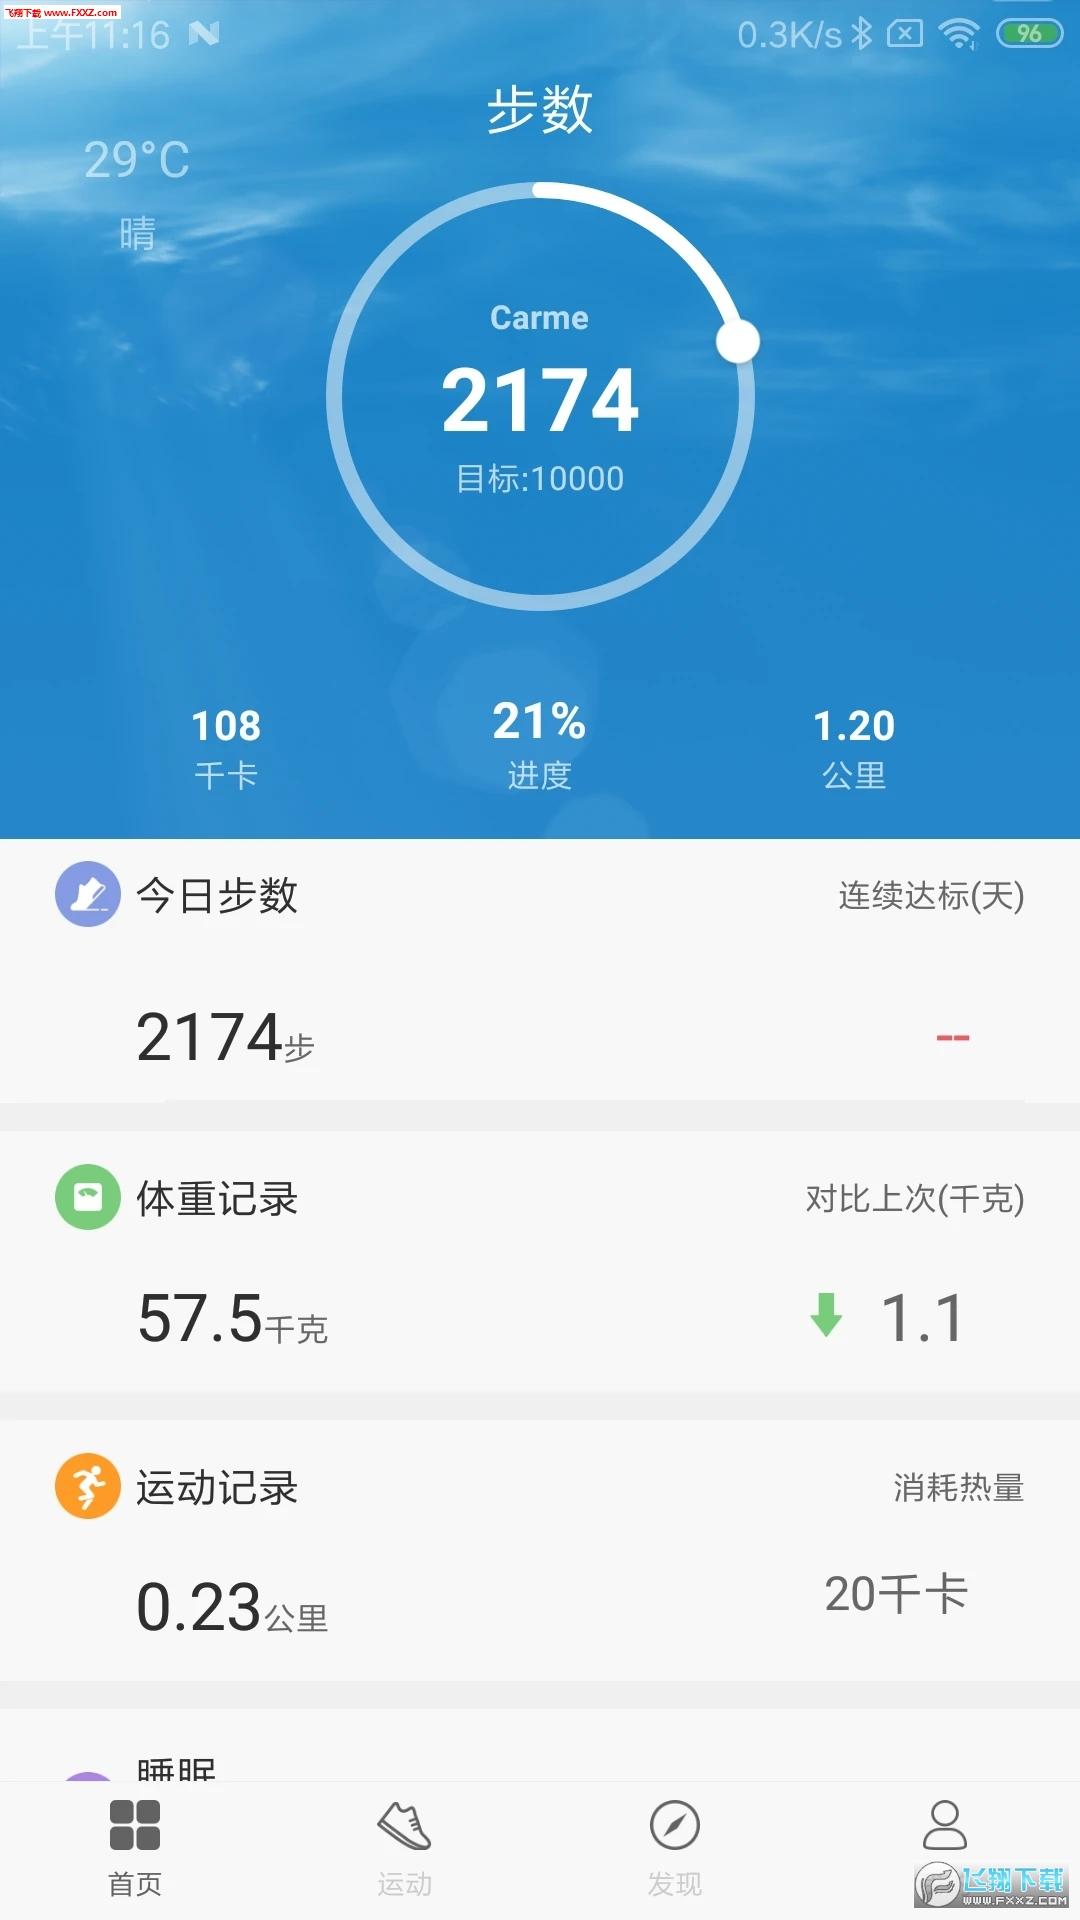 联想生活app官方版2.0.7截图1